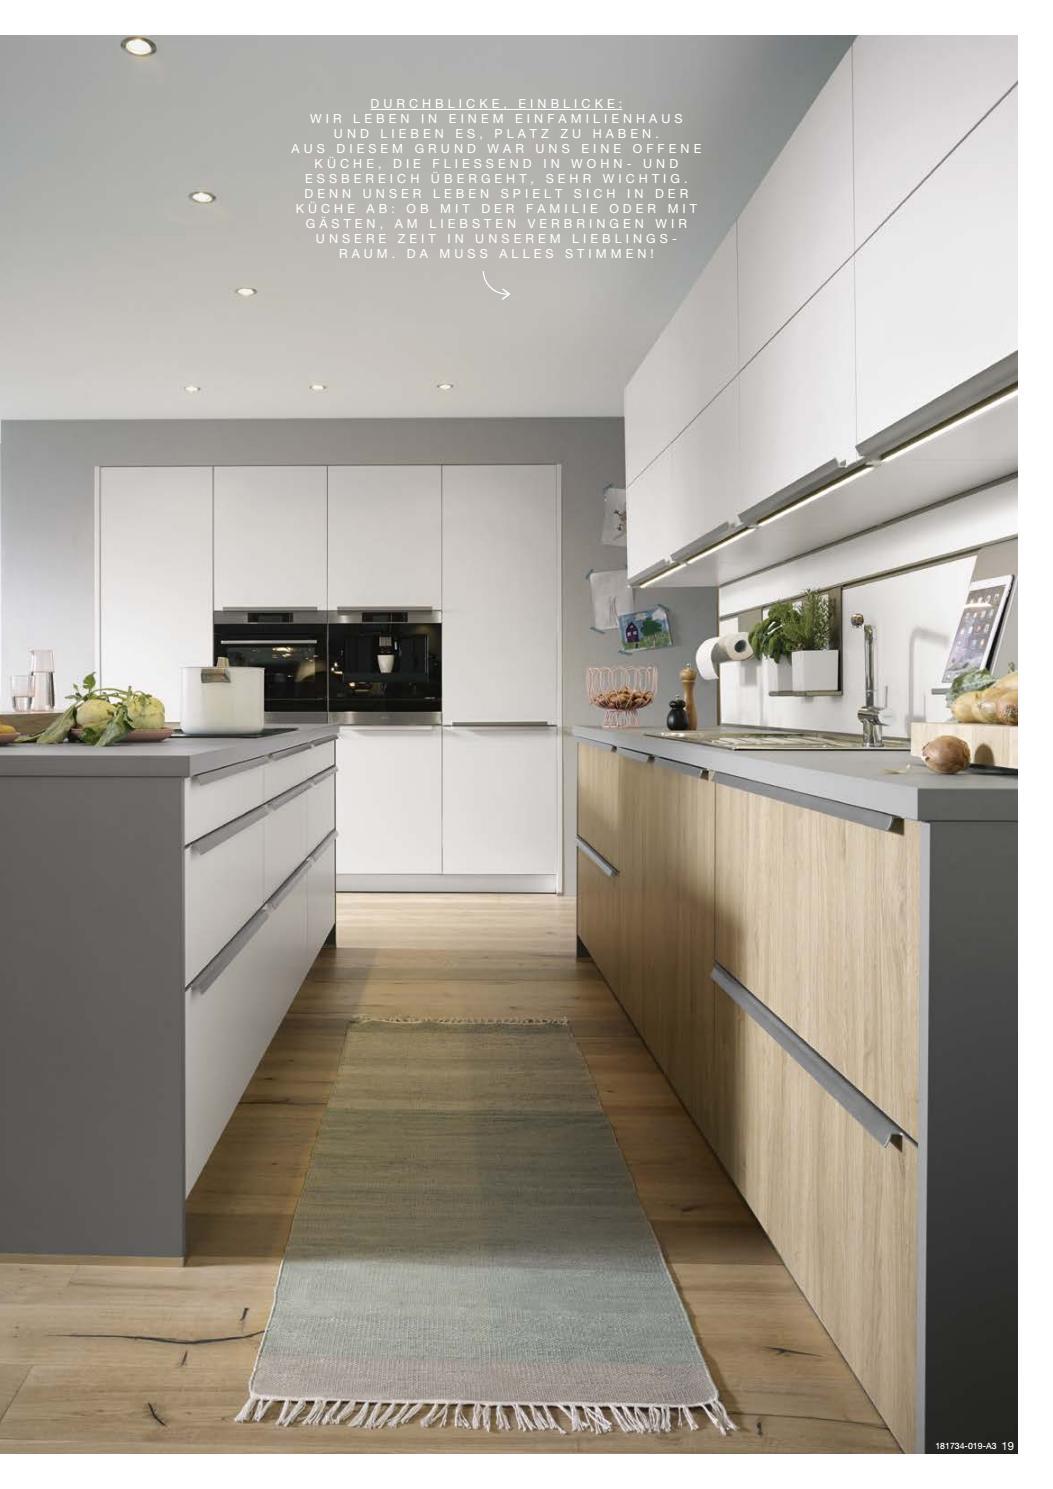 Wunderbar Küche Food Essentials Fotos - Küche Set Ideen ...